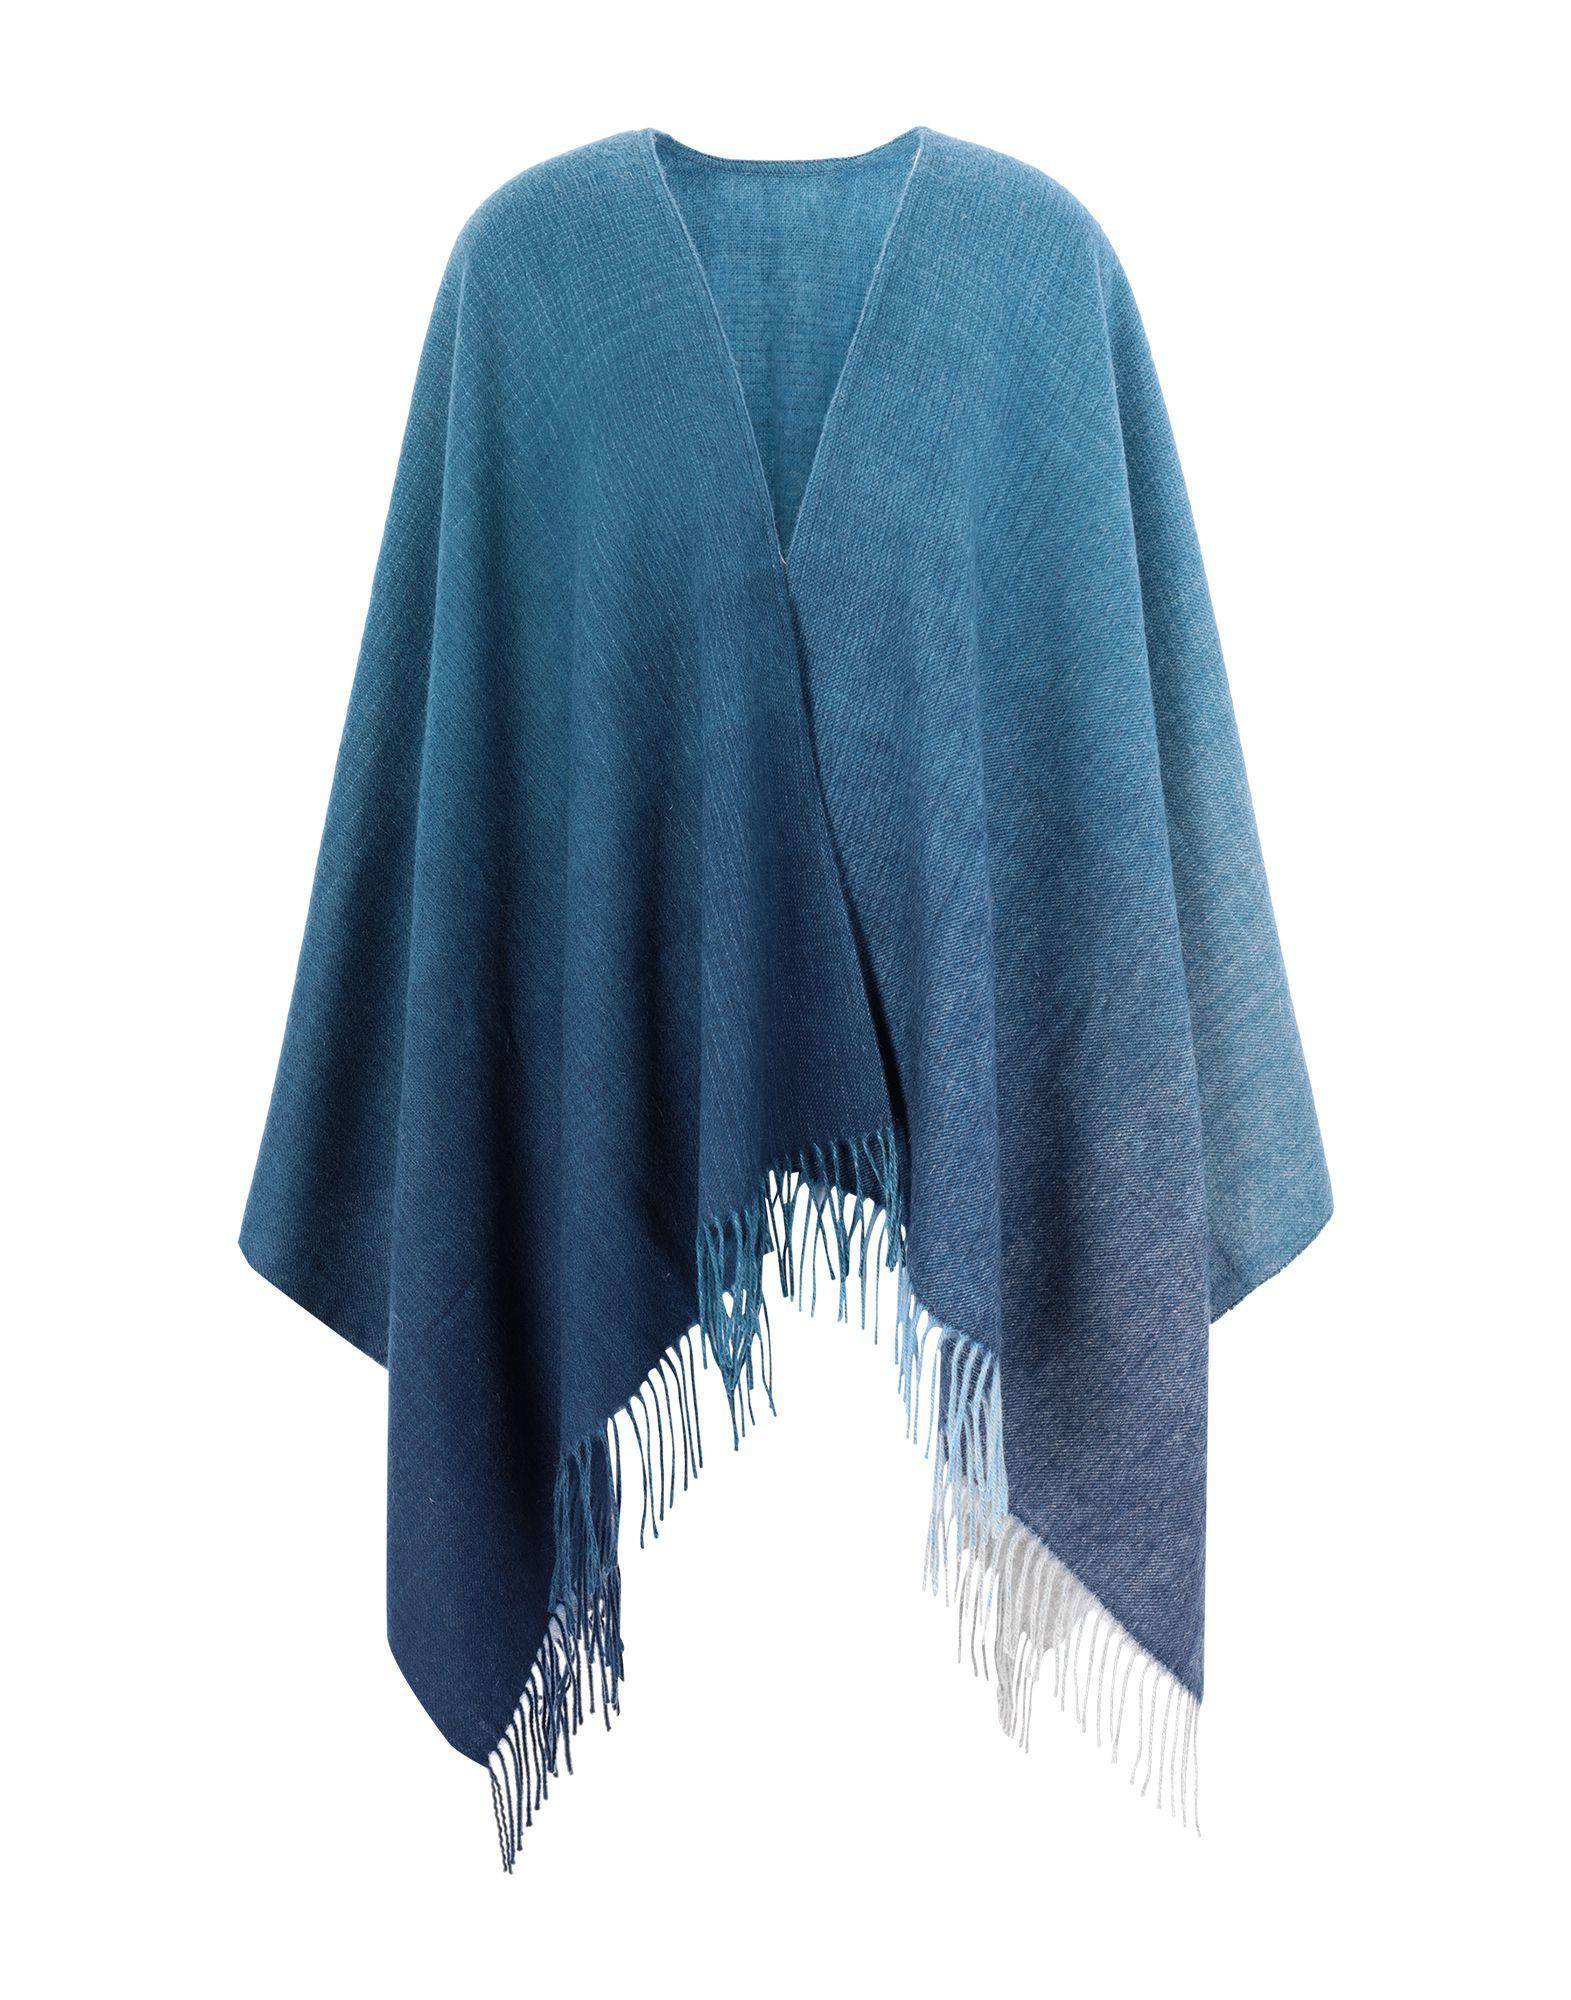 PAUL SMITH Шаль павловопосадская шерстяная шаль с шелковой бахромой волшебный узор 148х148 см